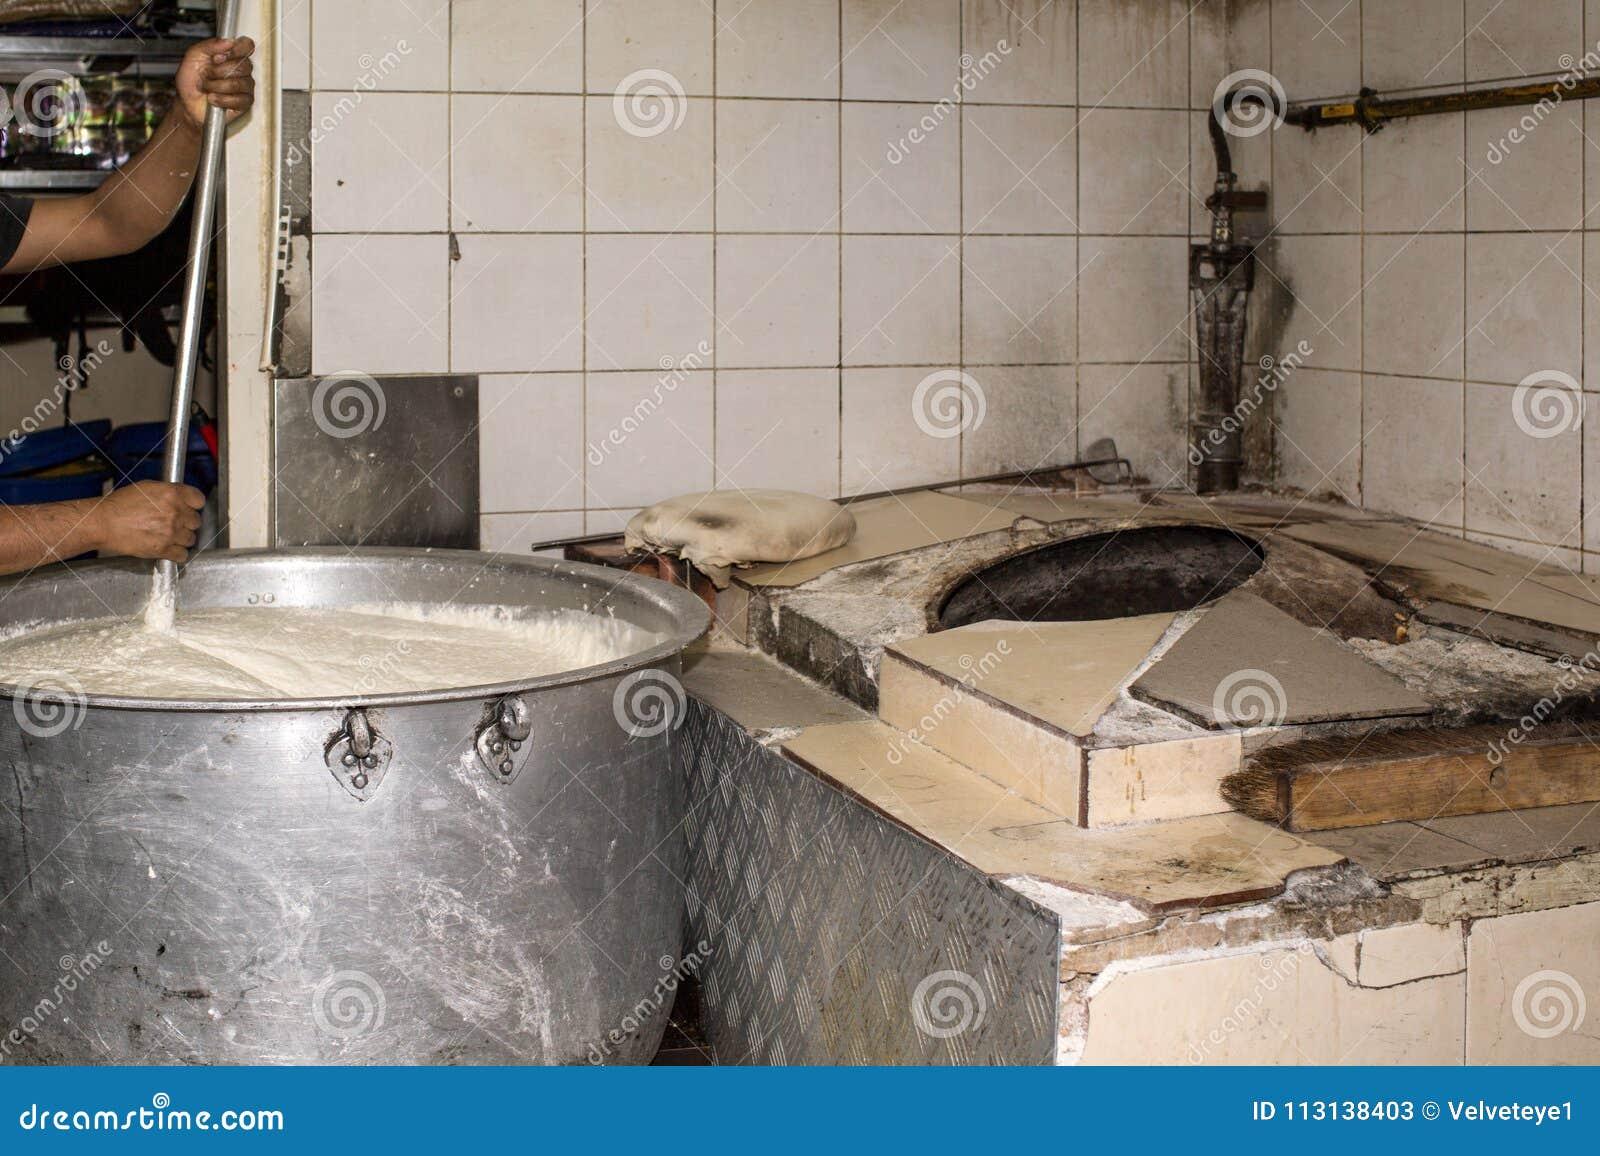 Homem Que Cozinha Em Um Restaurante Sujo Sujo Real Industrial Em